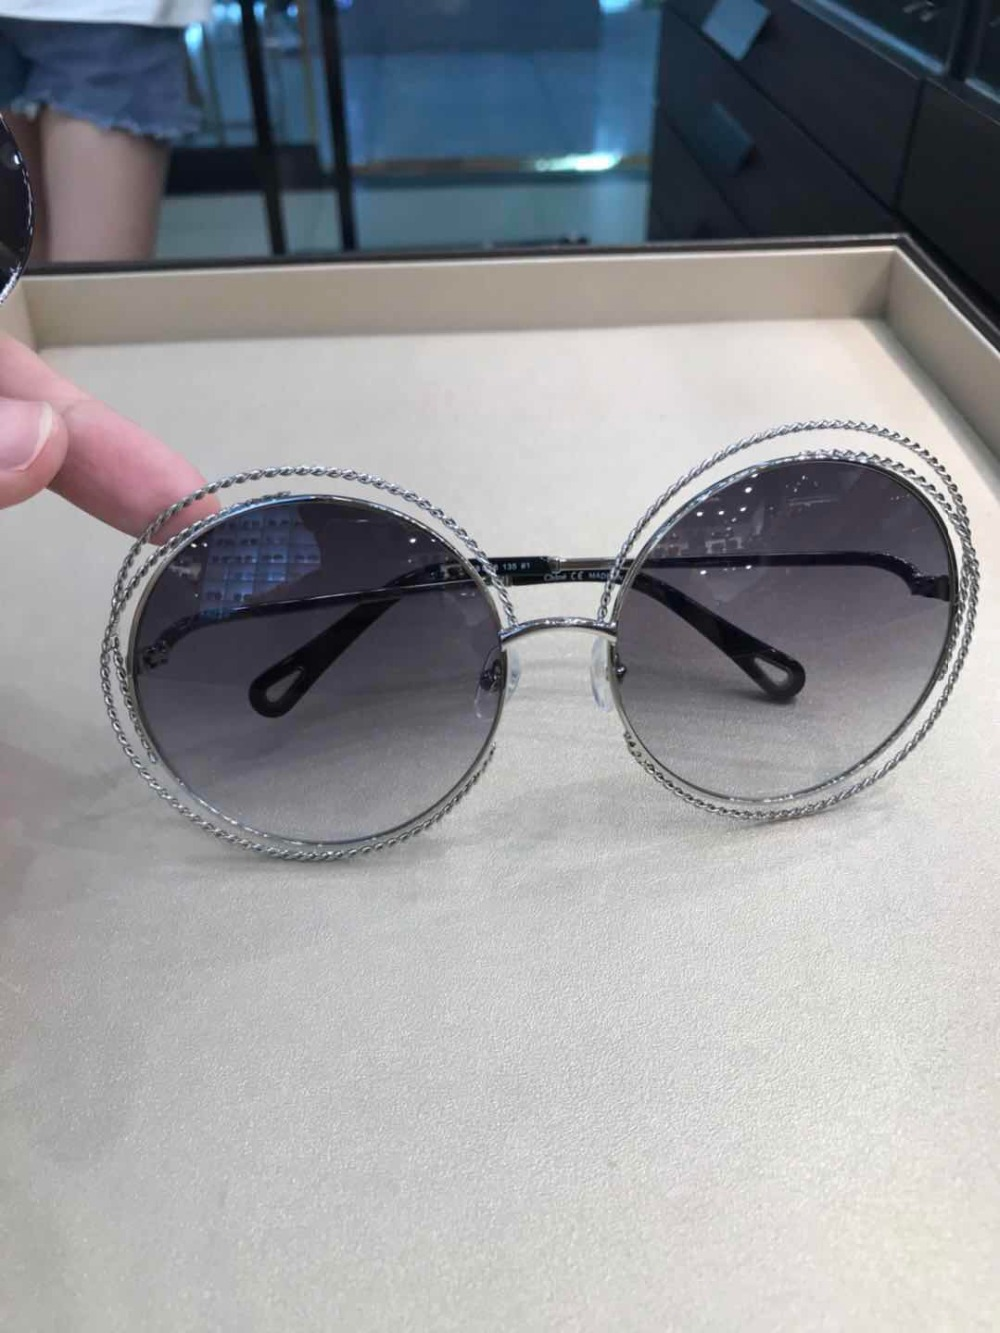 Designer 2018 Runway Frauen Luxus Marke Gläser Sonnenbrille Für Y0731 Carter PPrXq